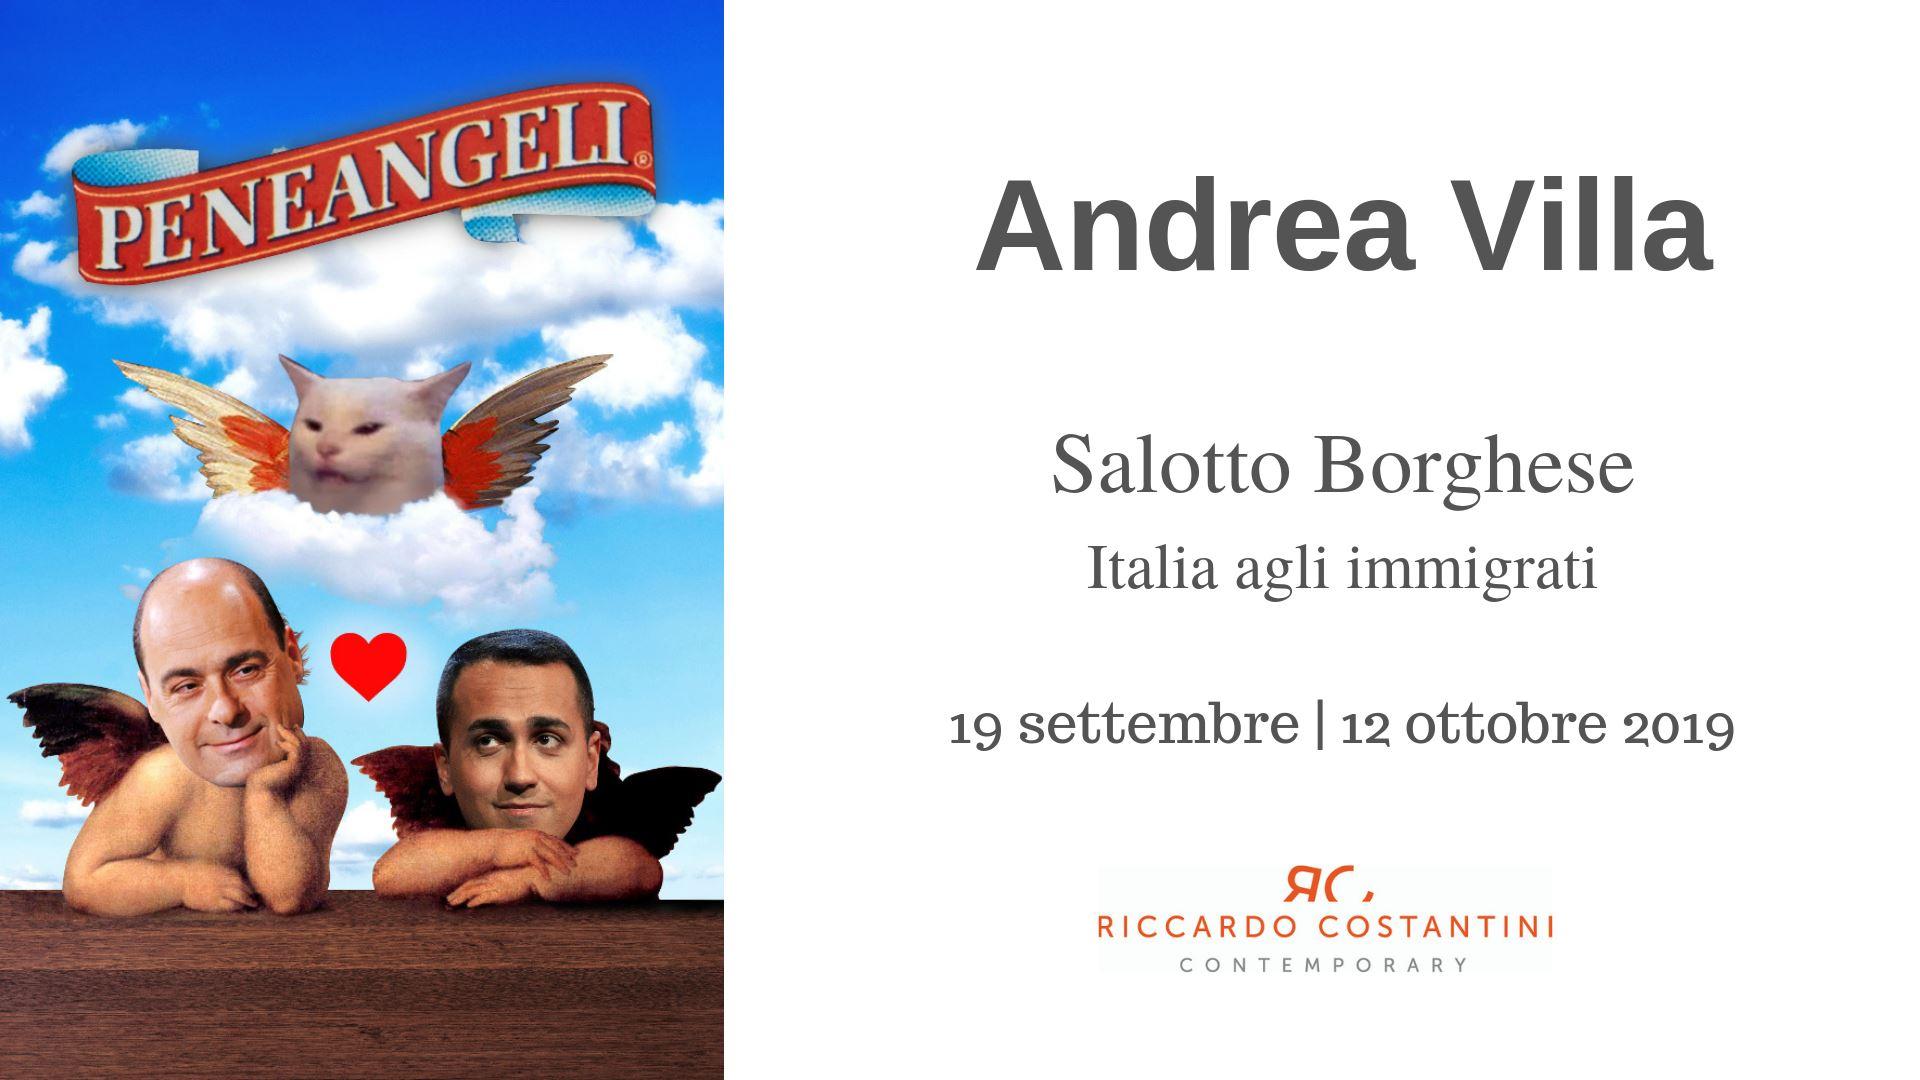 Andrea Villa - Salotto Borghese